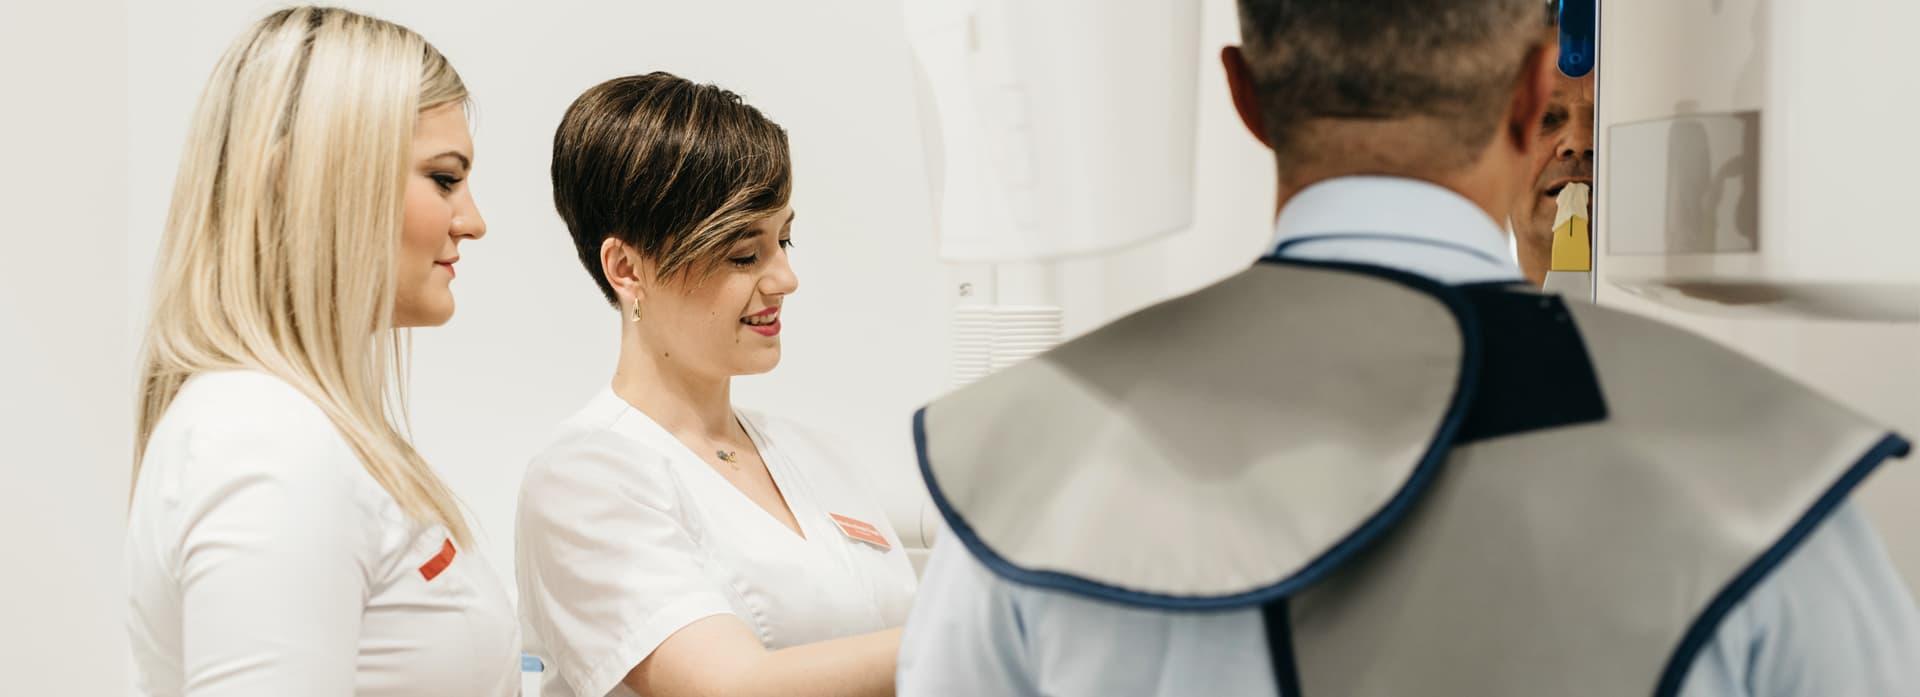 Reparto radiologico Croazia - Centro Dentale Štimac